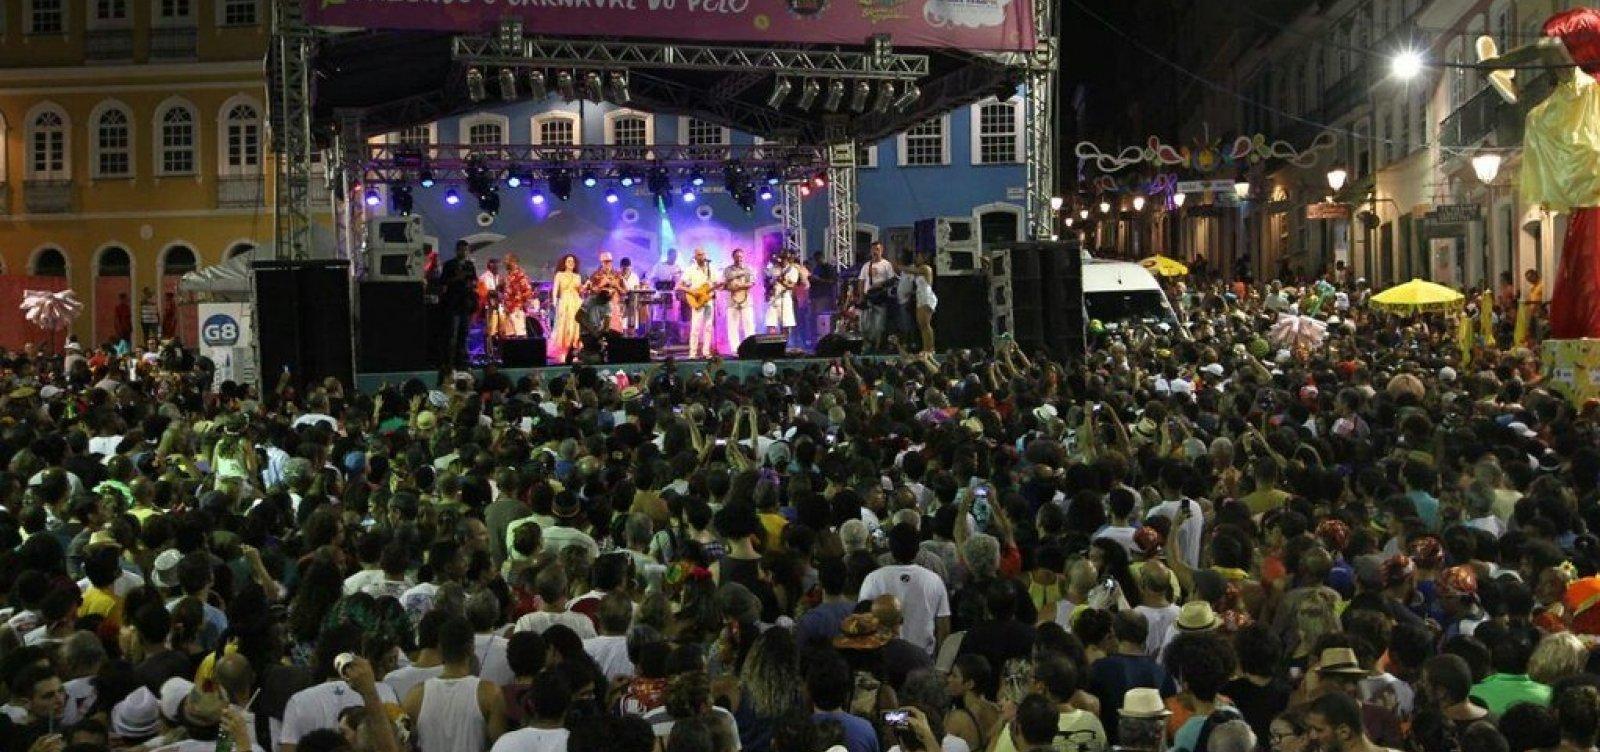 [Carnaval: confira a programação de blocos e shows no Centro Histórico]